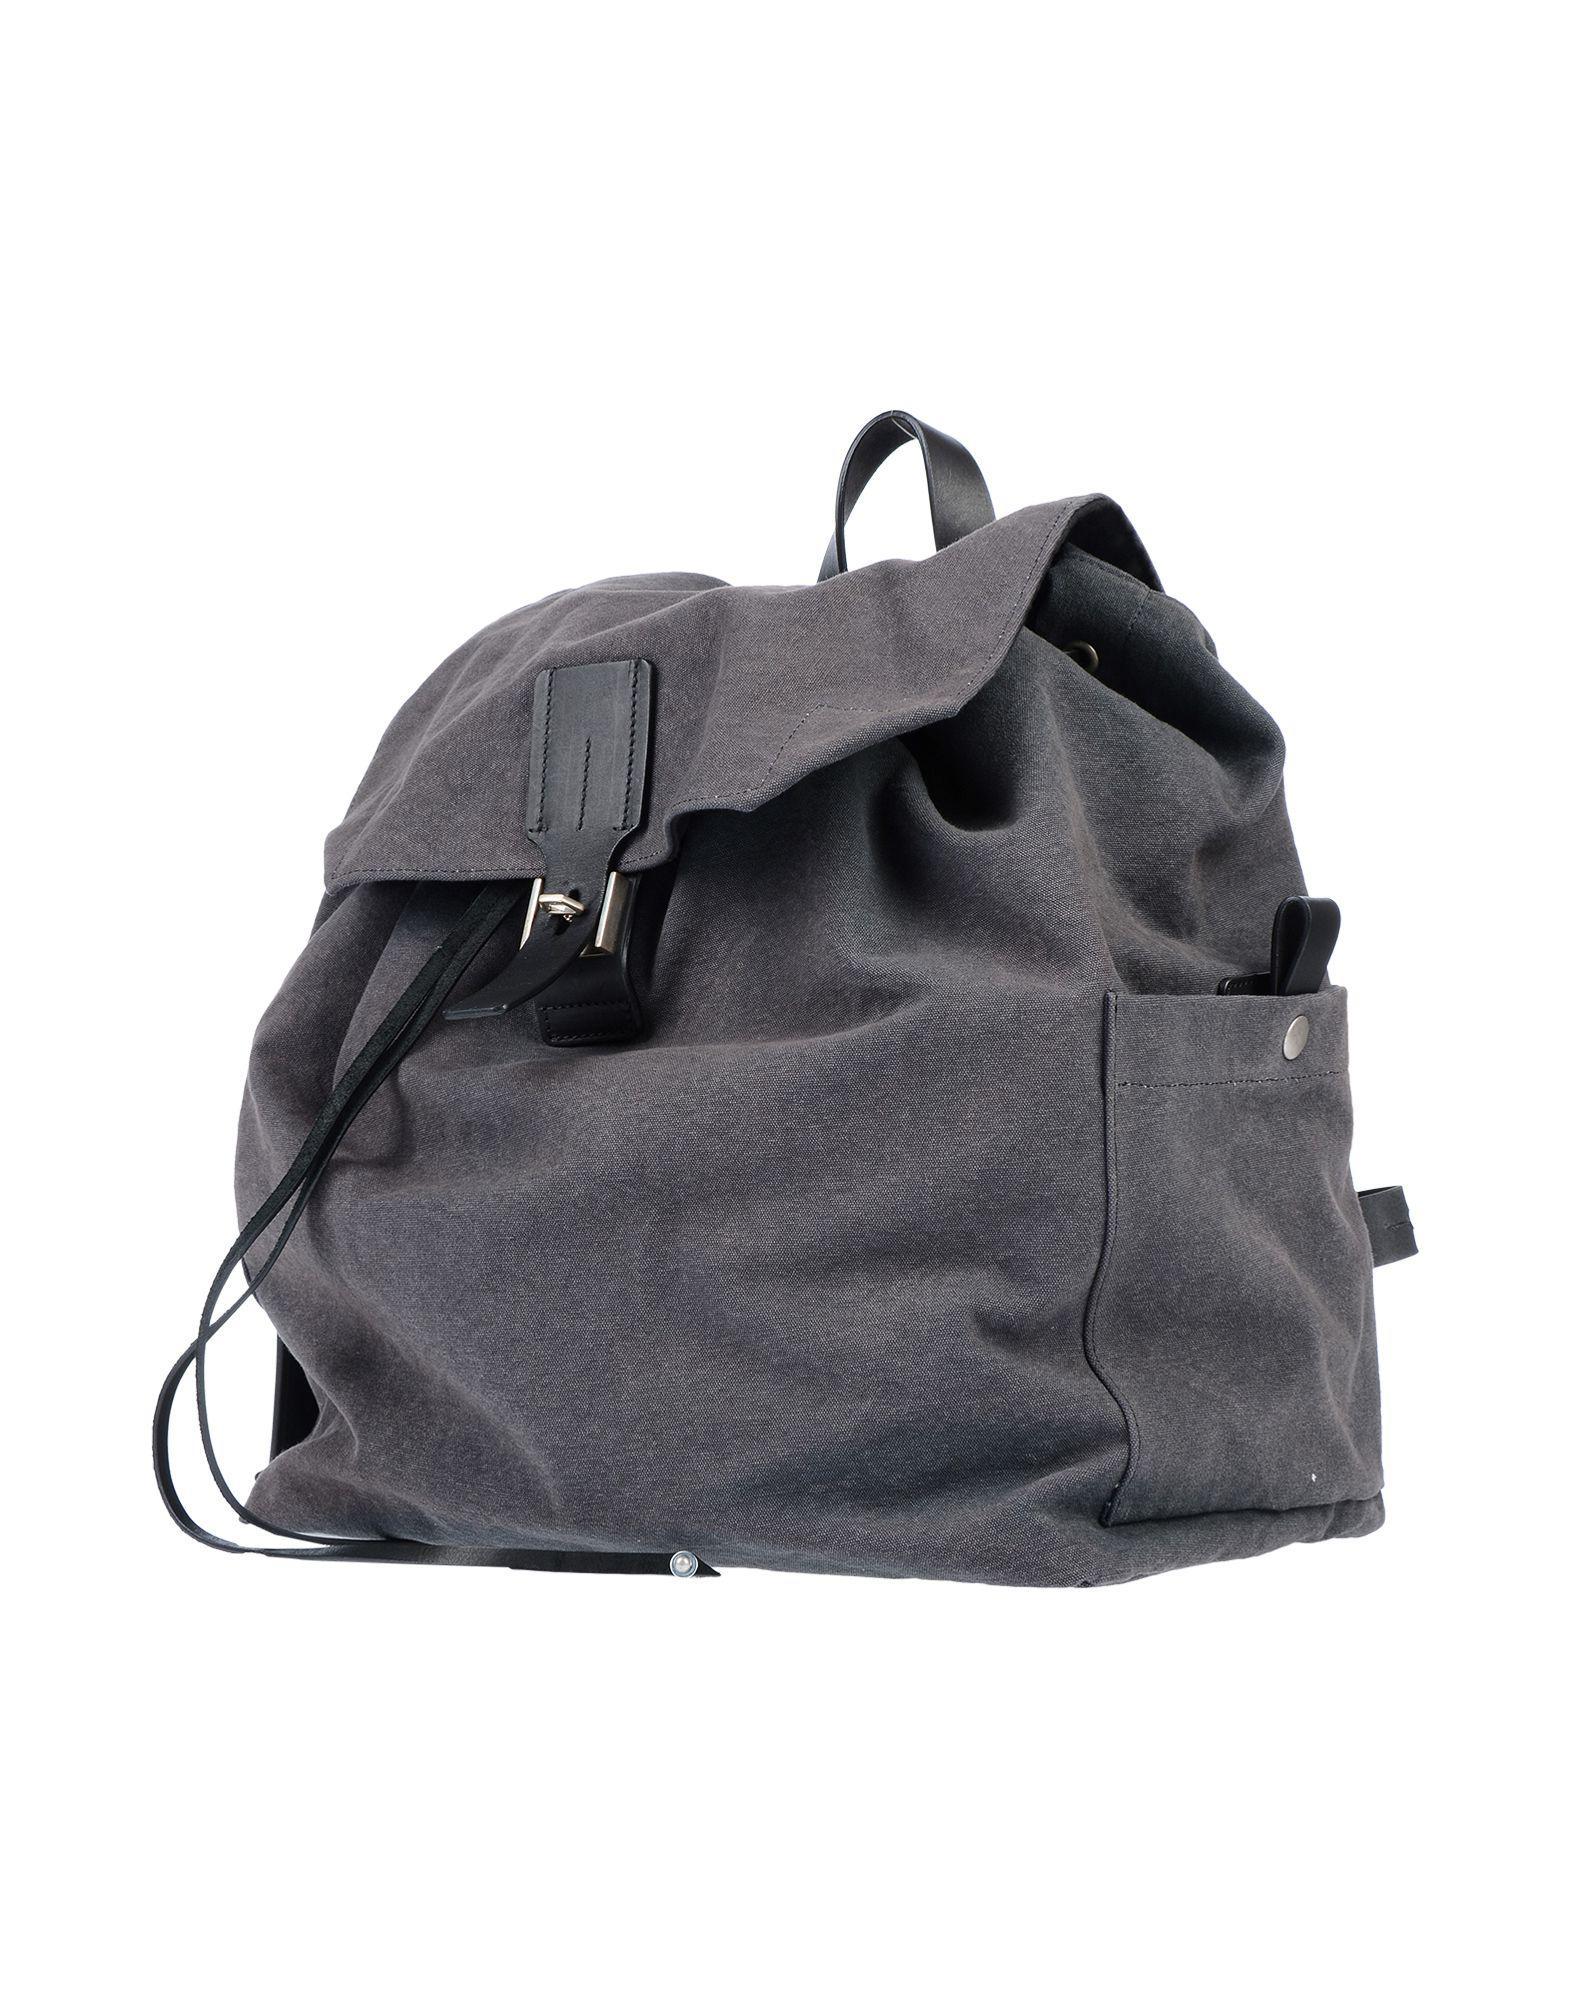 amp; Bags Lyst Goose Men Gray Deluxe Backpacks For In Bum Brand Golden S1IqYwS